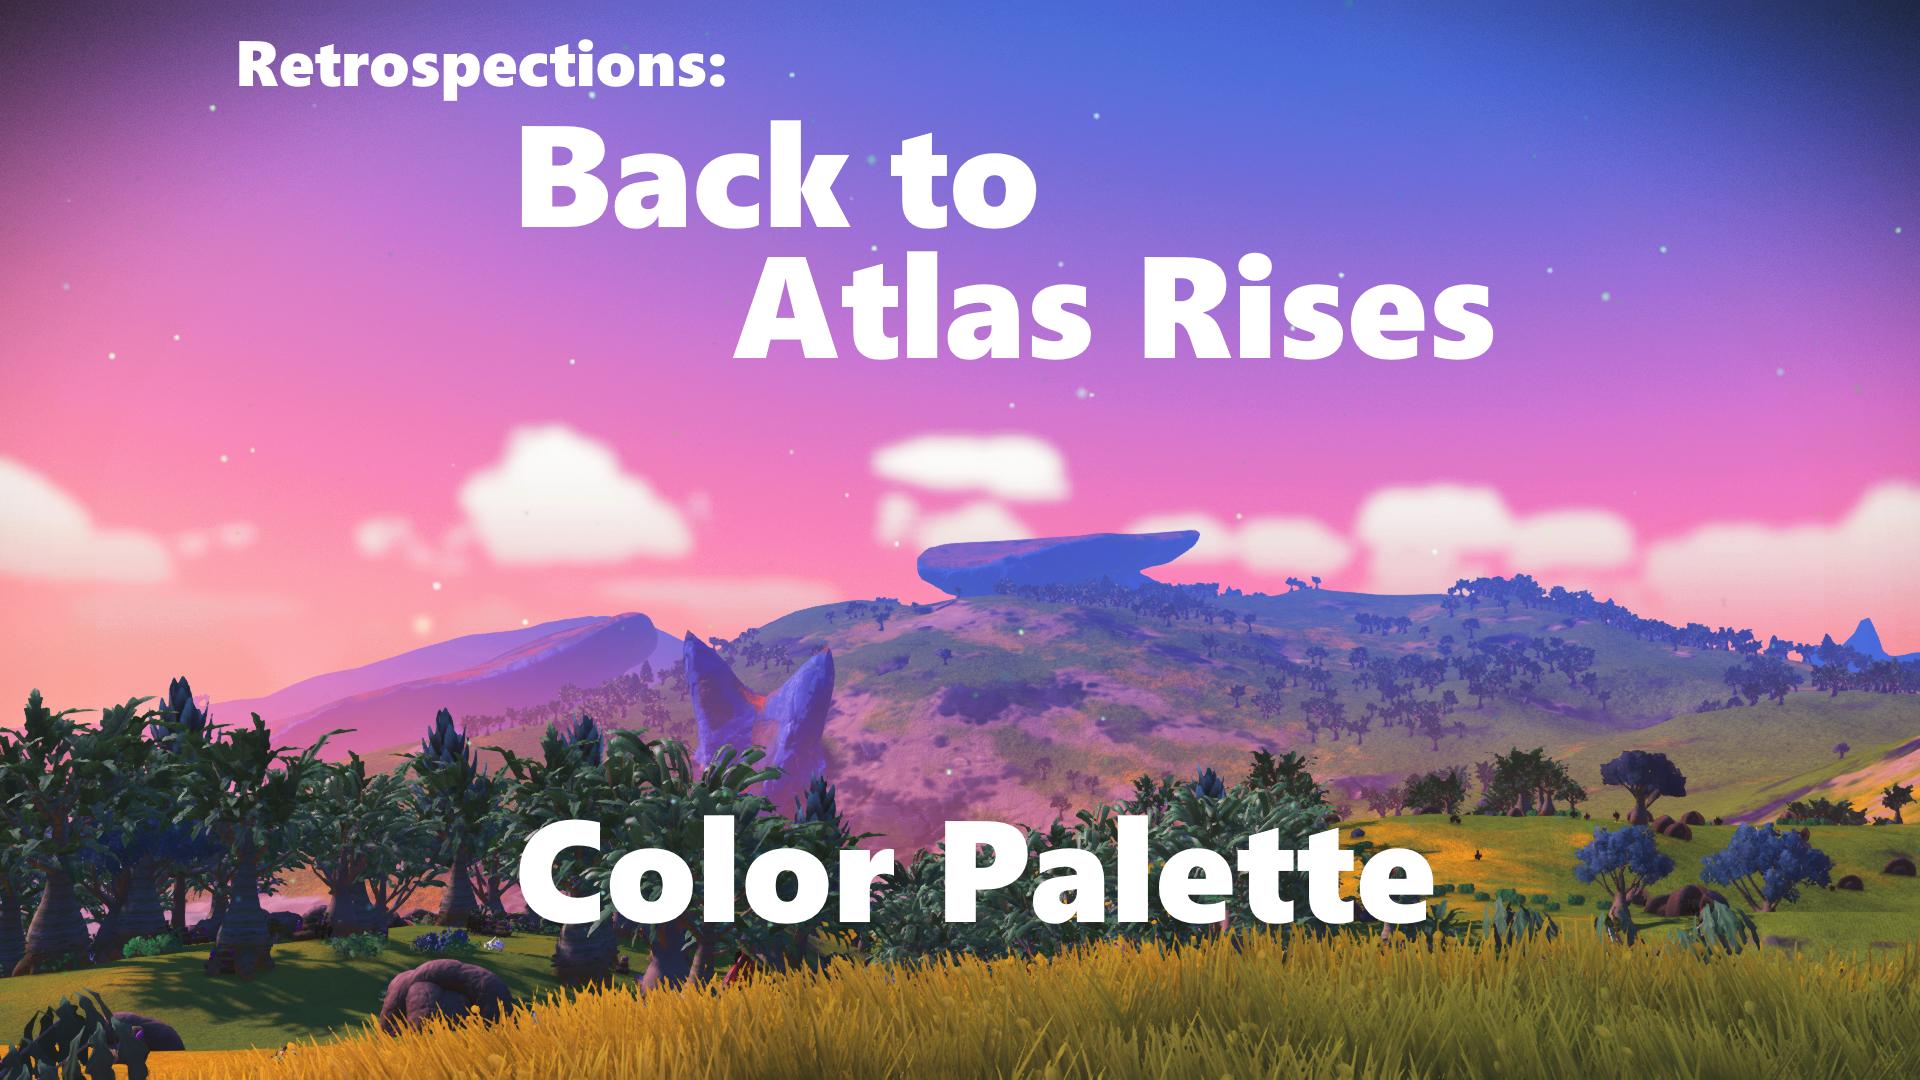 Retrospections – Back to Atlas Rises: Color Palettes